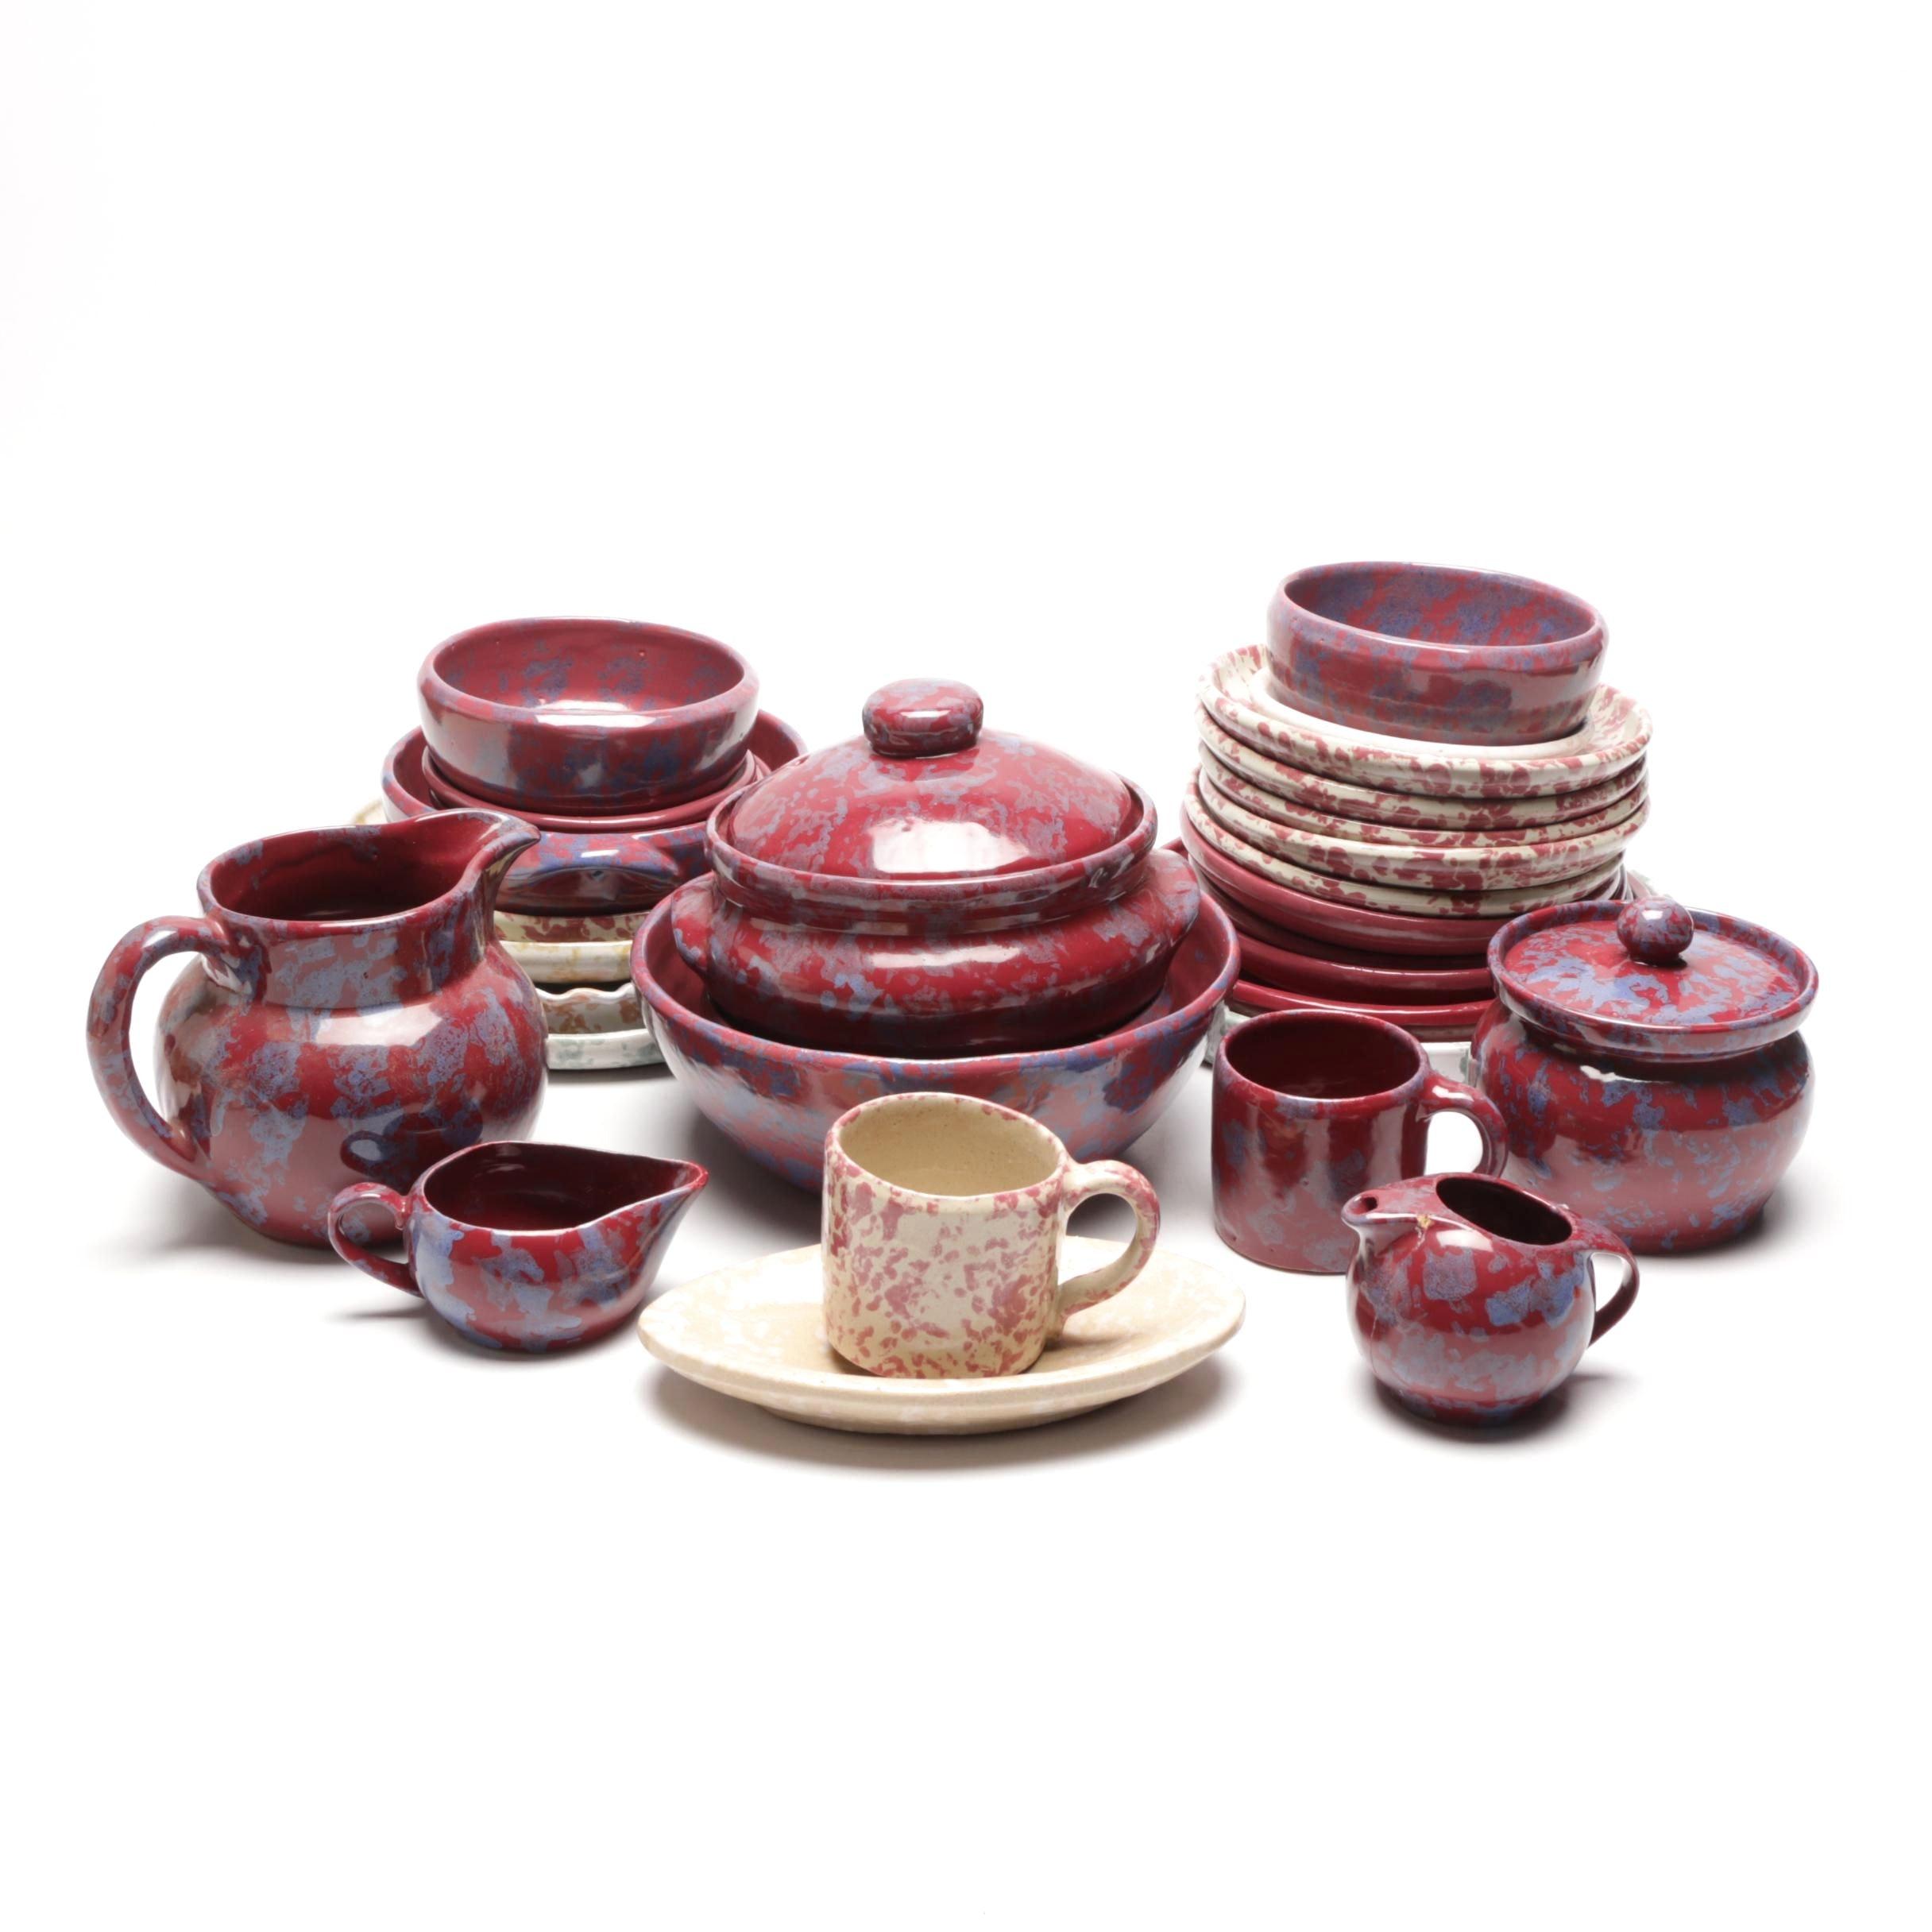 Bybee Pottery Thrown Spongeware Tableware